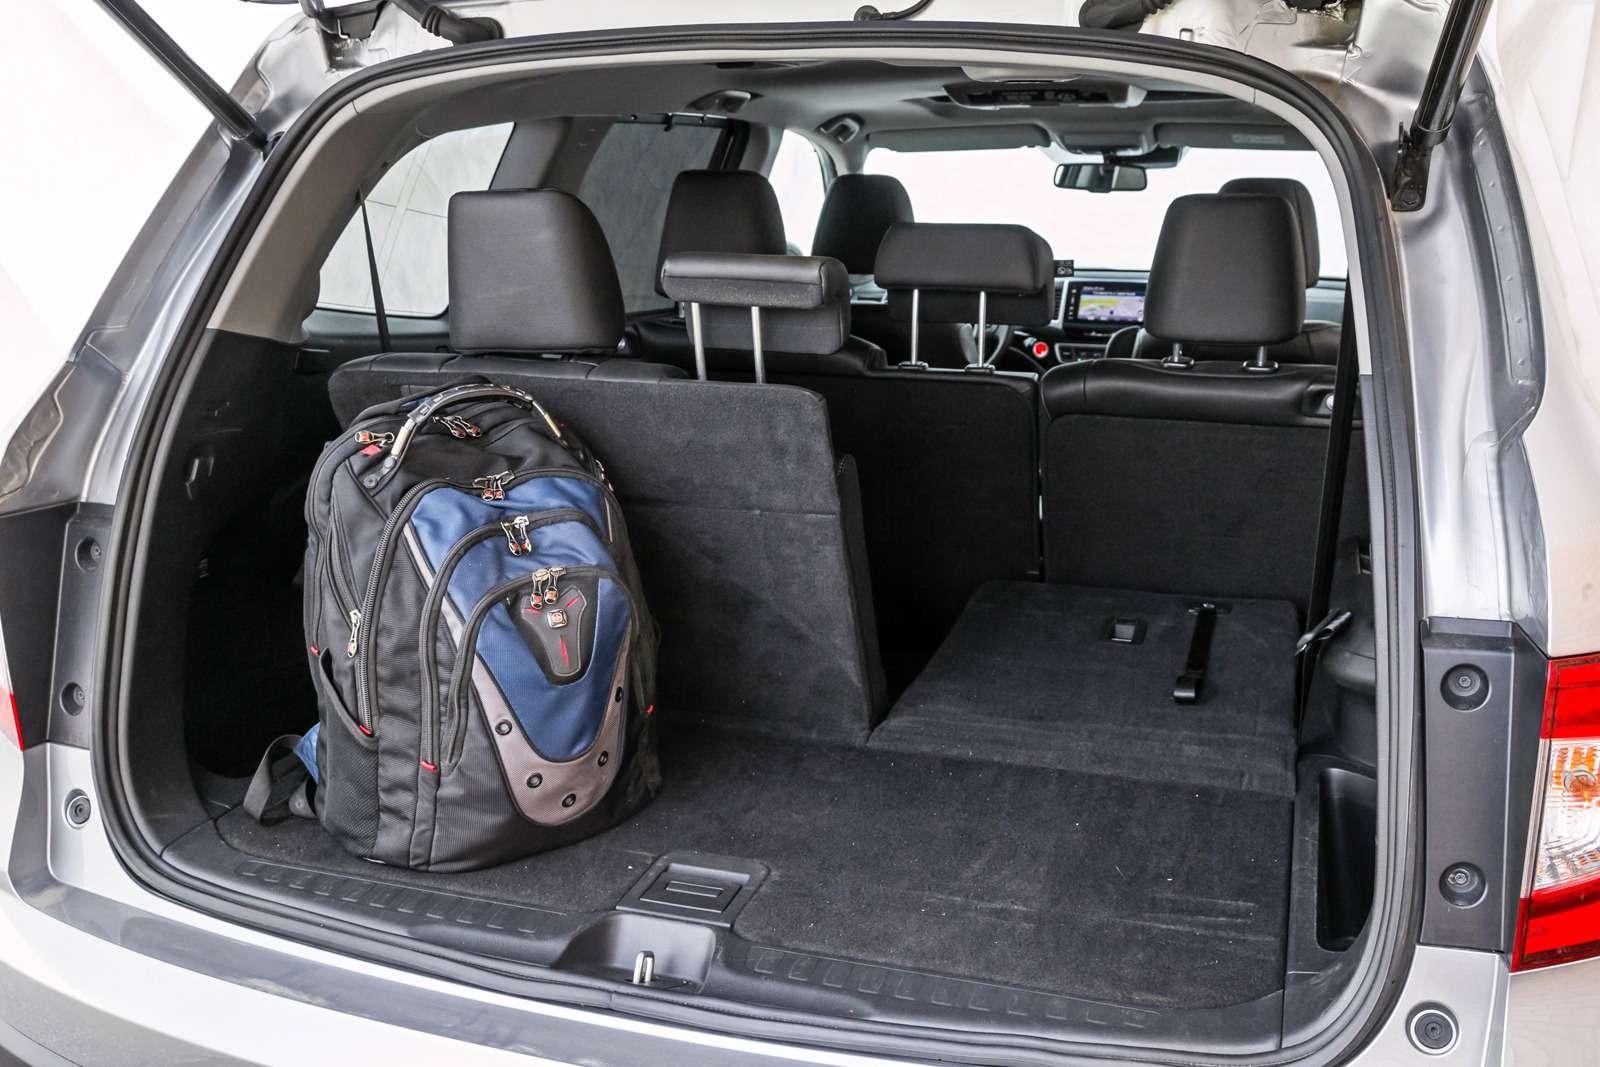 Тест полноразмерных кроссоверов: Honda Pilot, Kia Sorento Prime иFord Explorer— фото 614983